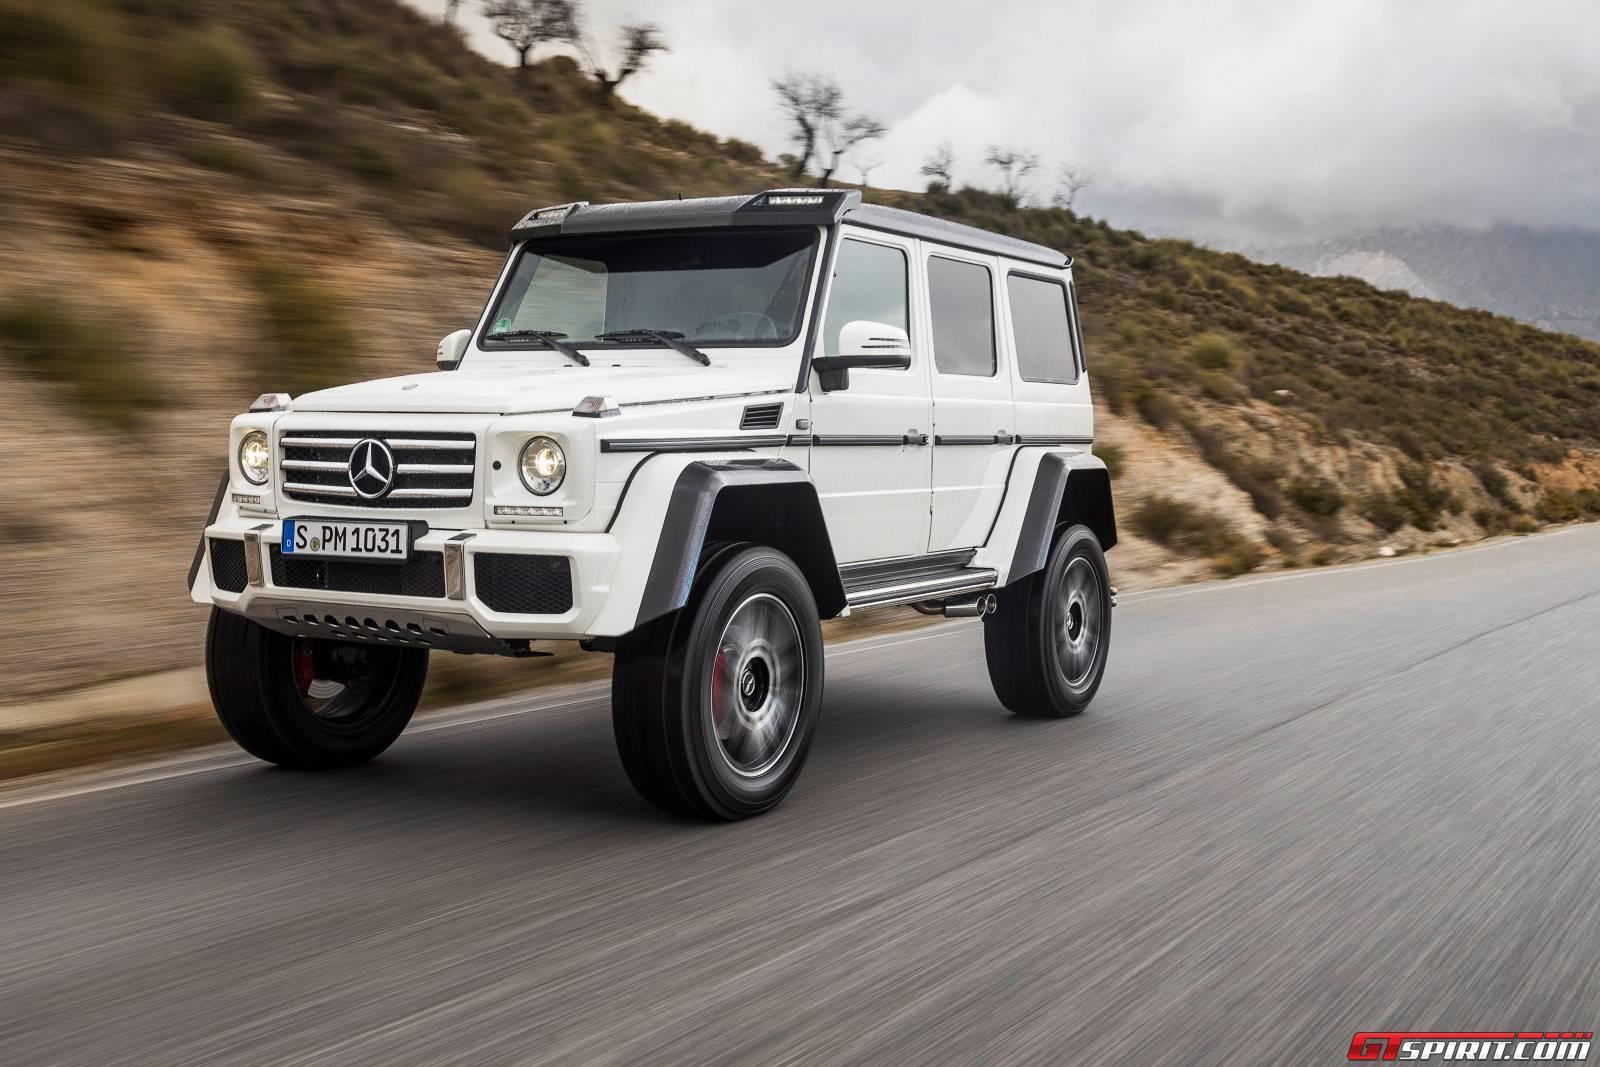 Mercedes benz g class g500 4x4 27